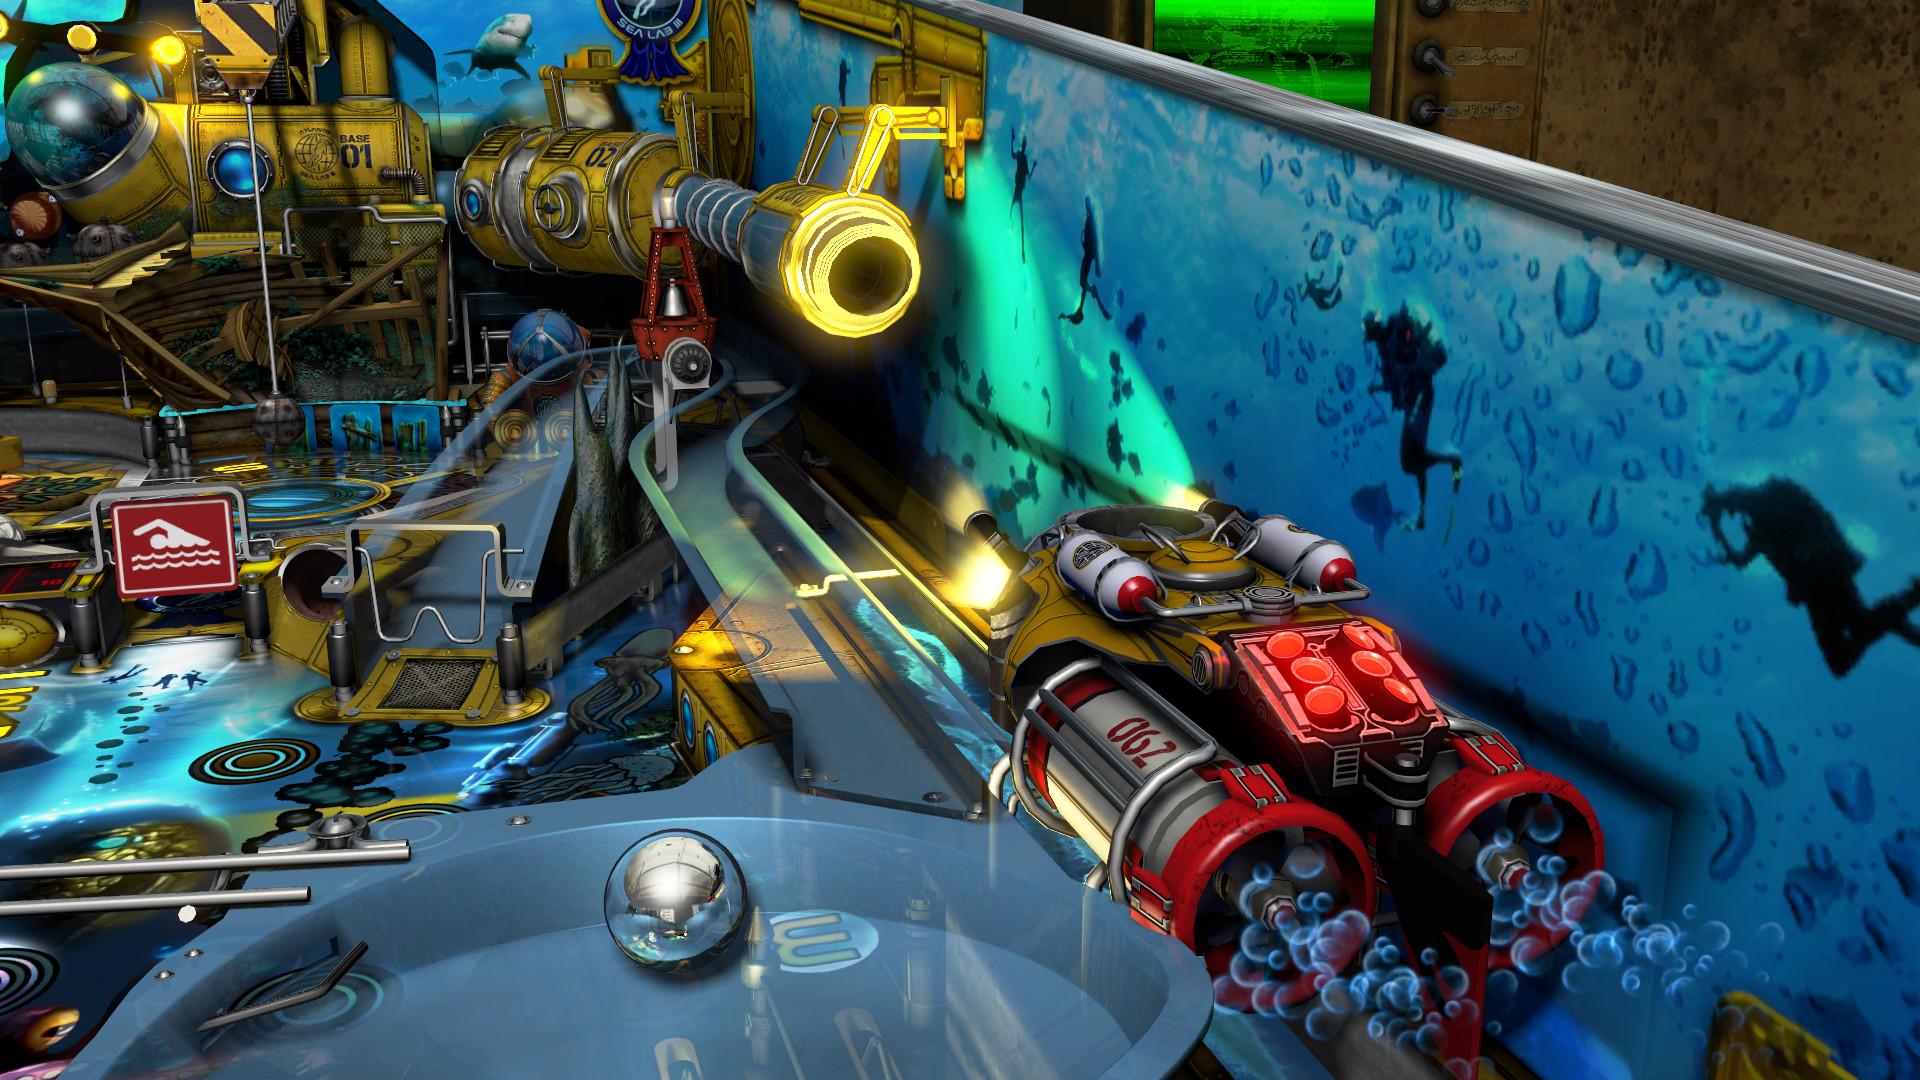 com.steam.646673-screenshot